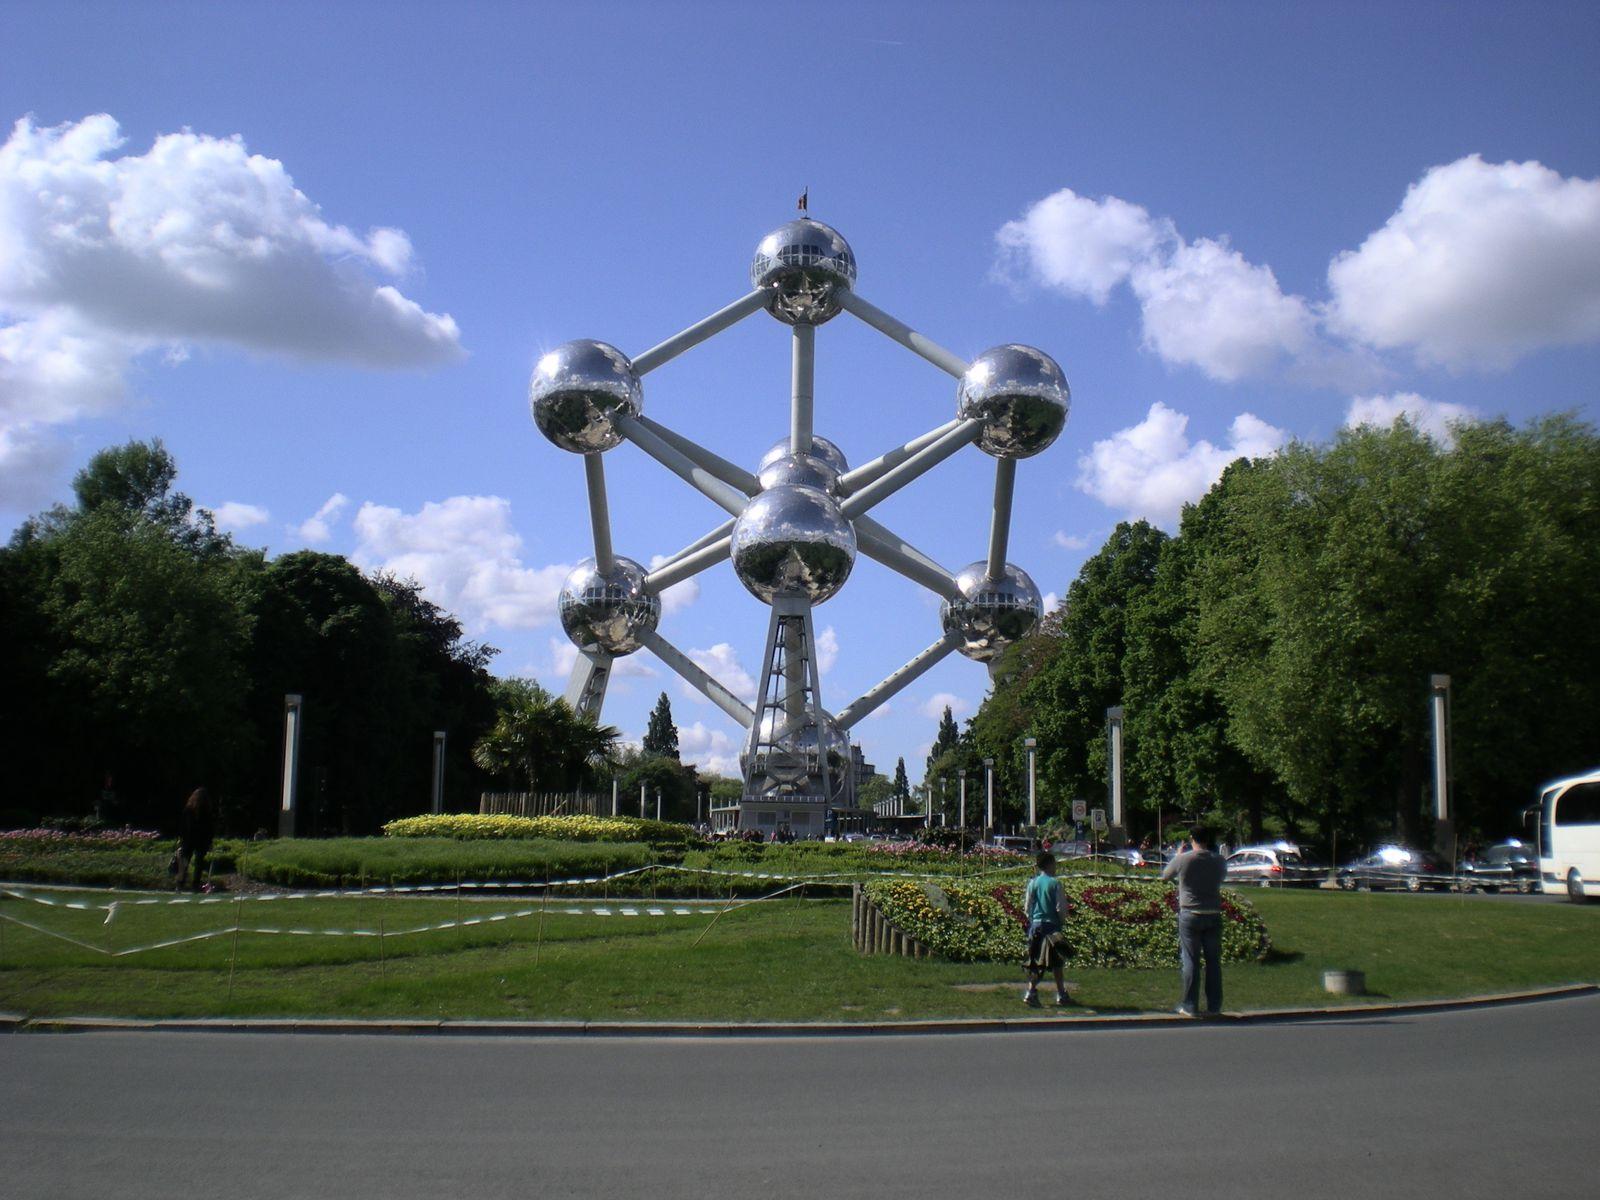 Parcs et jardins de Bruxelles (Juin 2013)